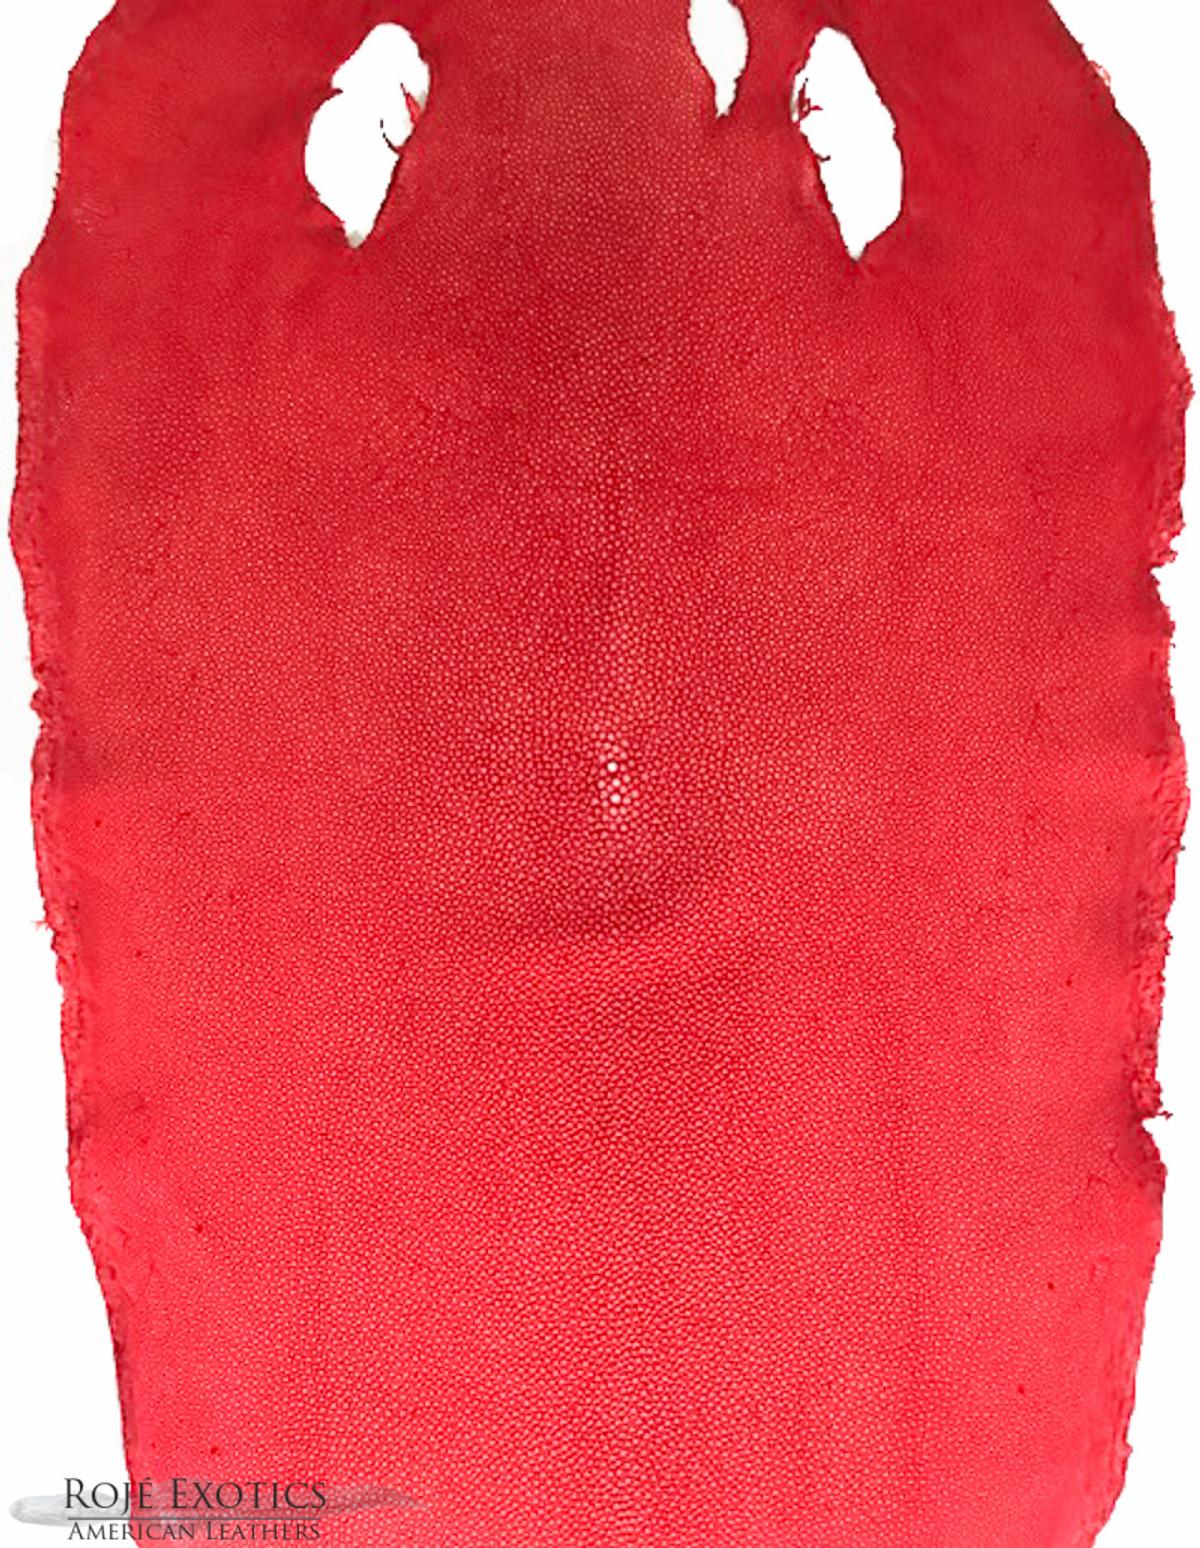 Stingray Leather Tomato Colour Polished Shagreen Finish 9  23cm